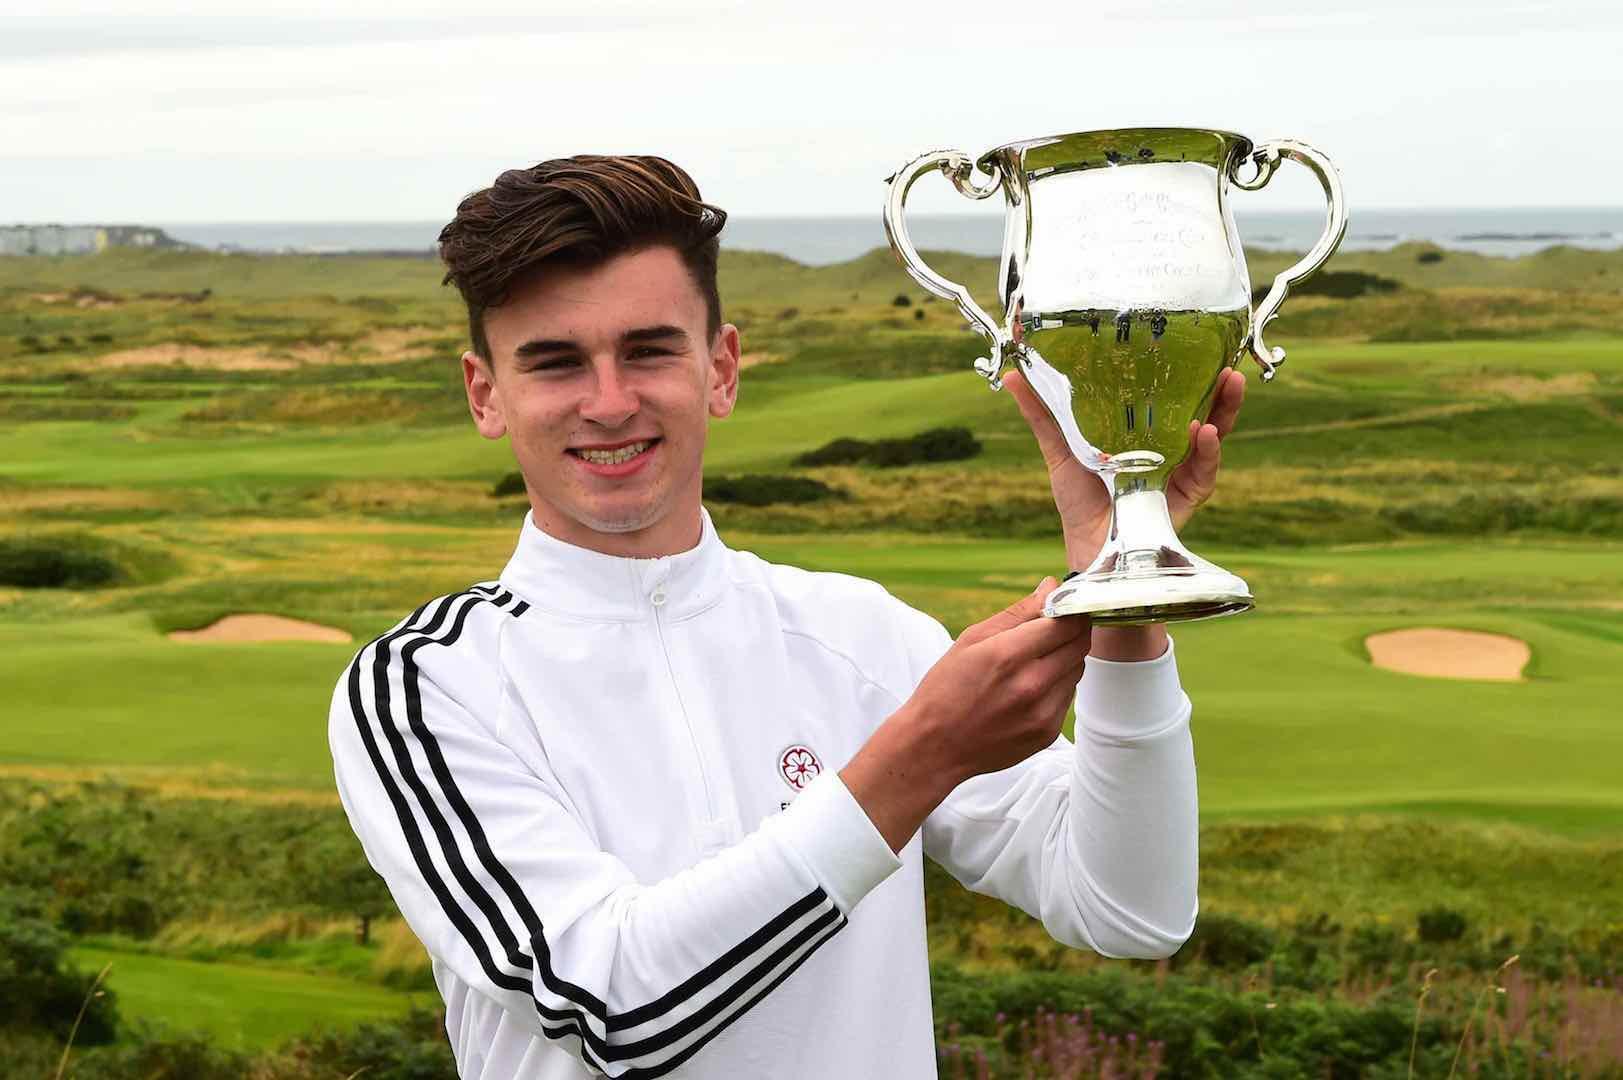 Stoke Park's Gough wins national amateur title